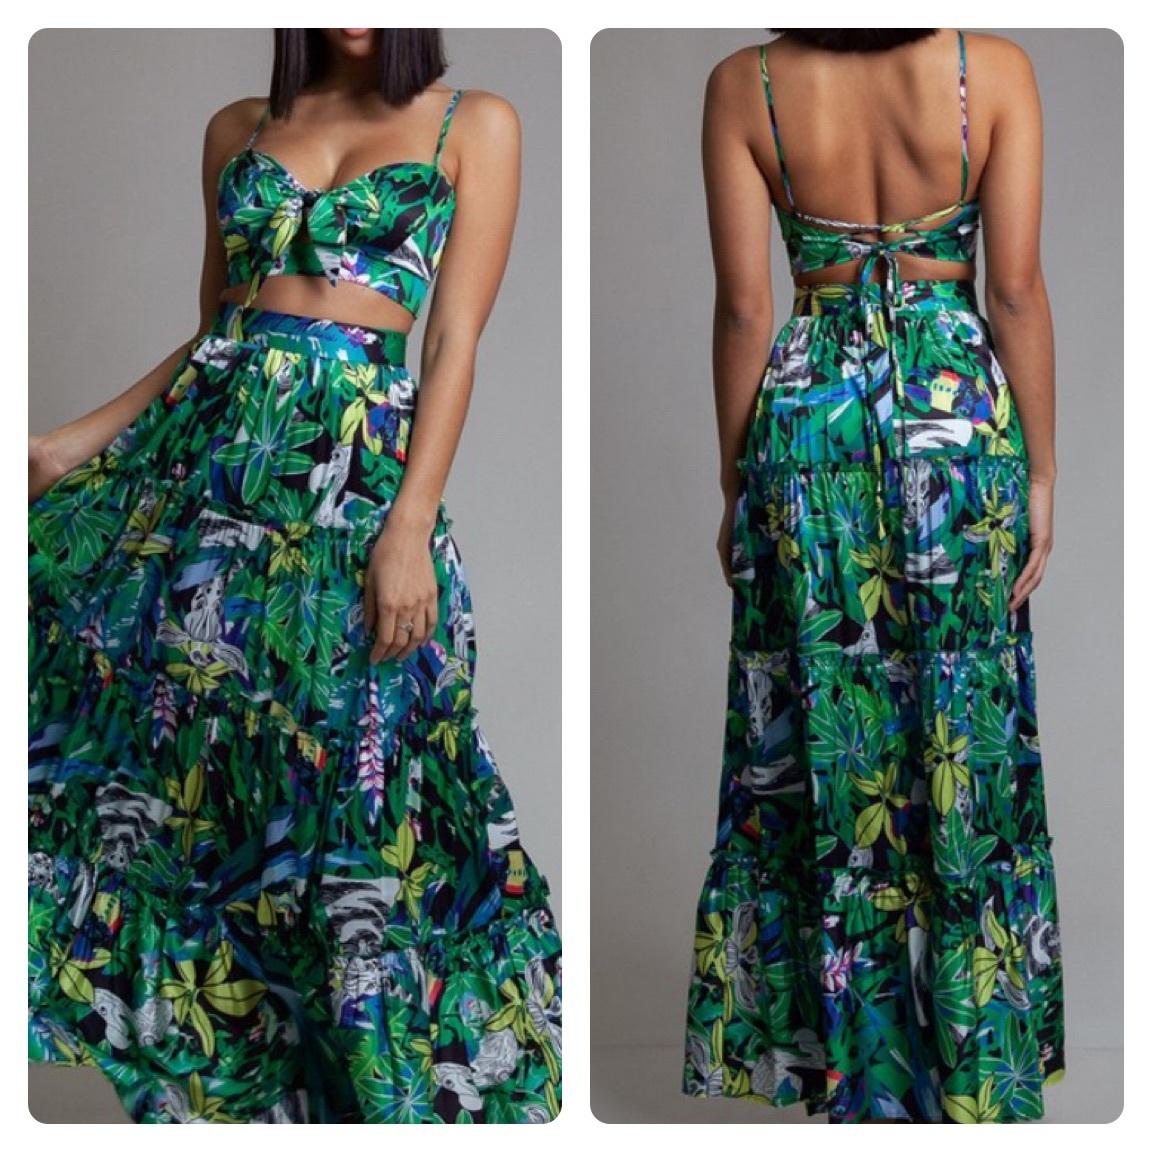 GREEN DRESS  $45